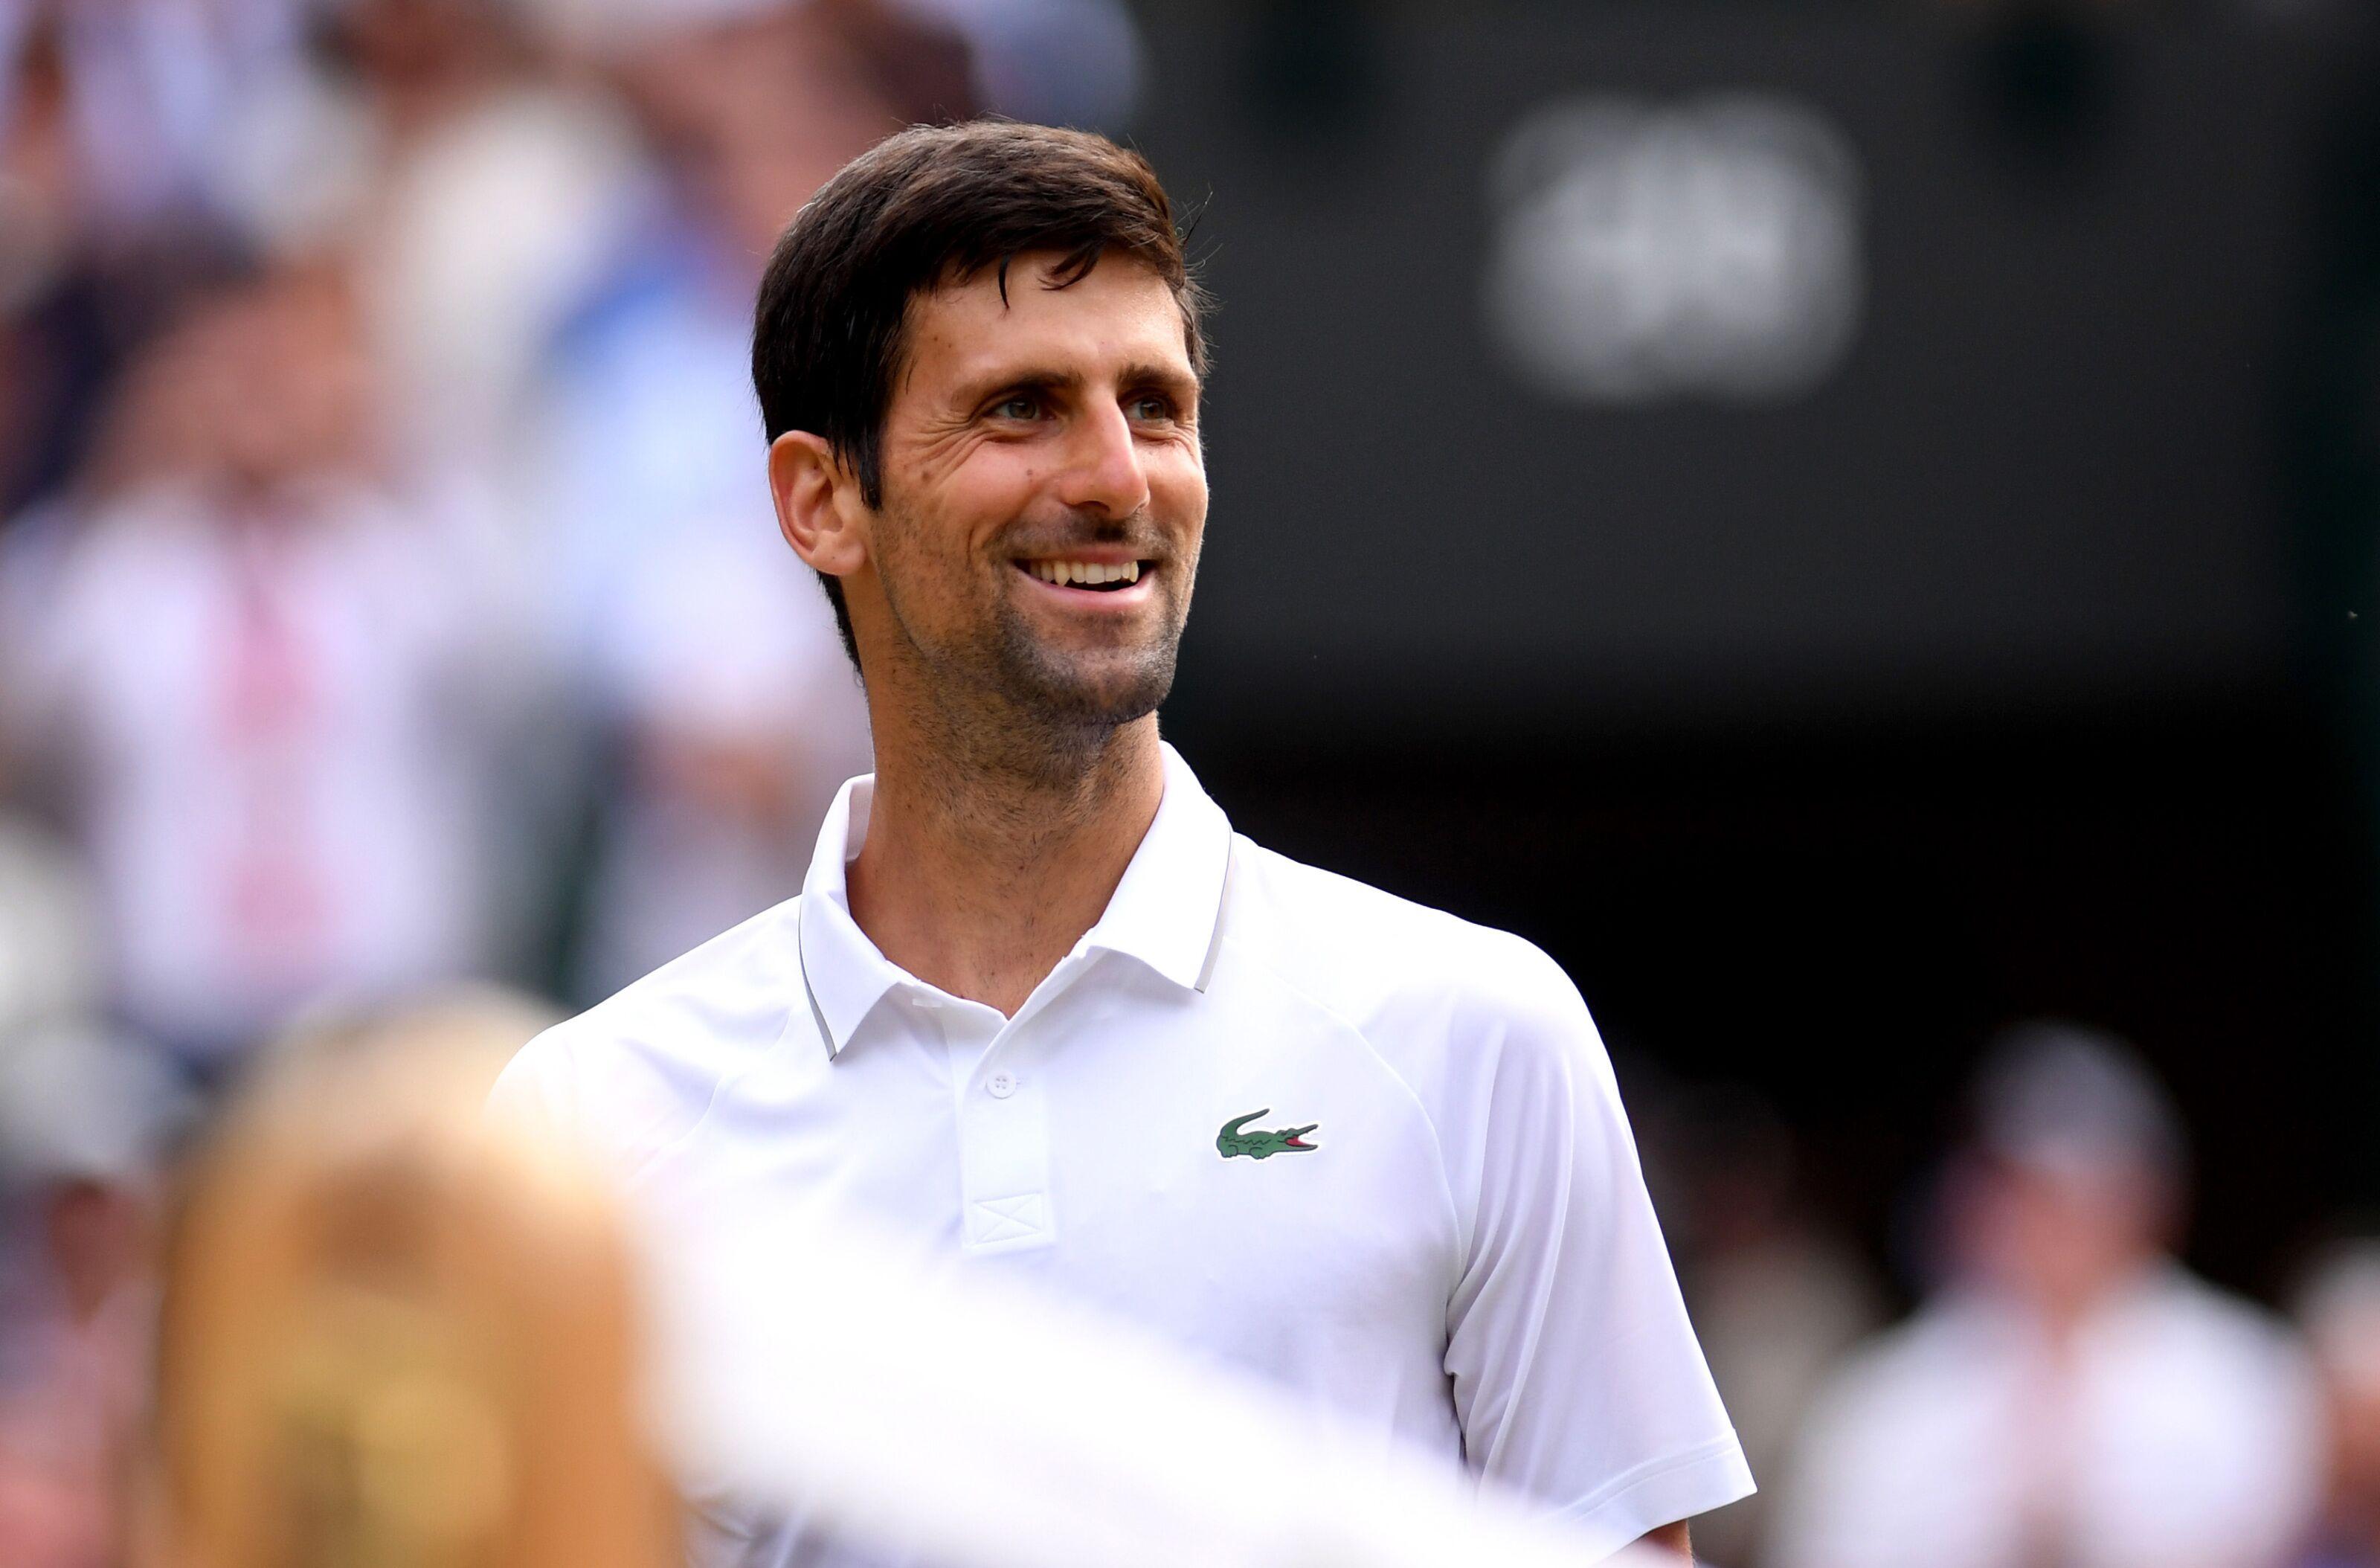 Novak Djokovic praises 'coach' Ronaldo as Nadal tips new Slam winner